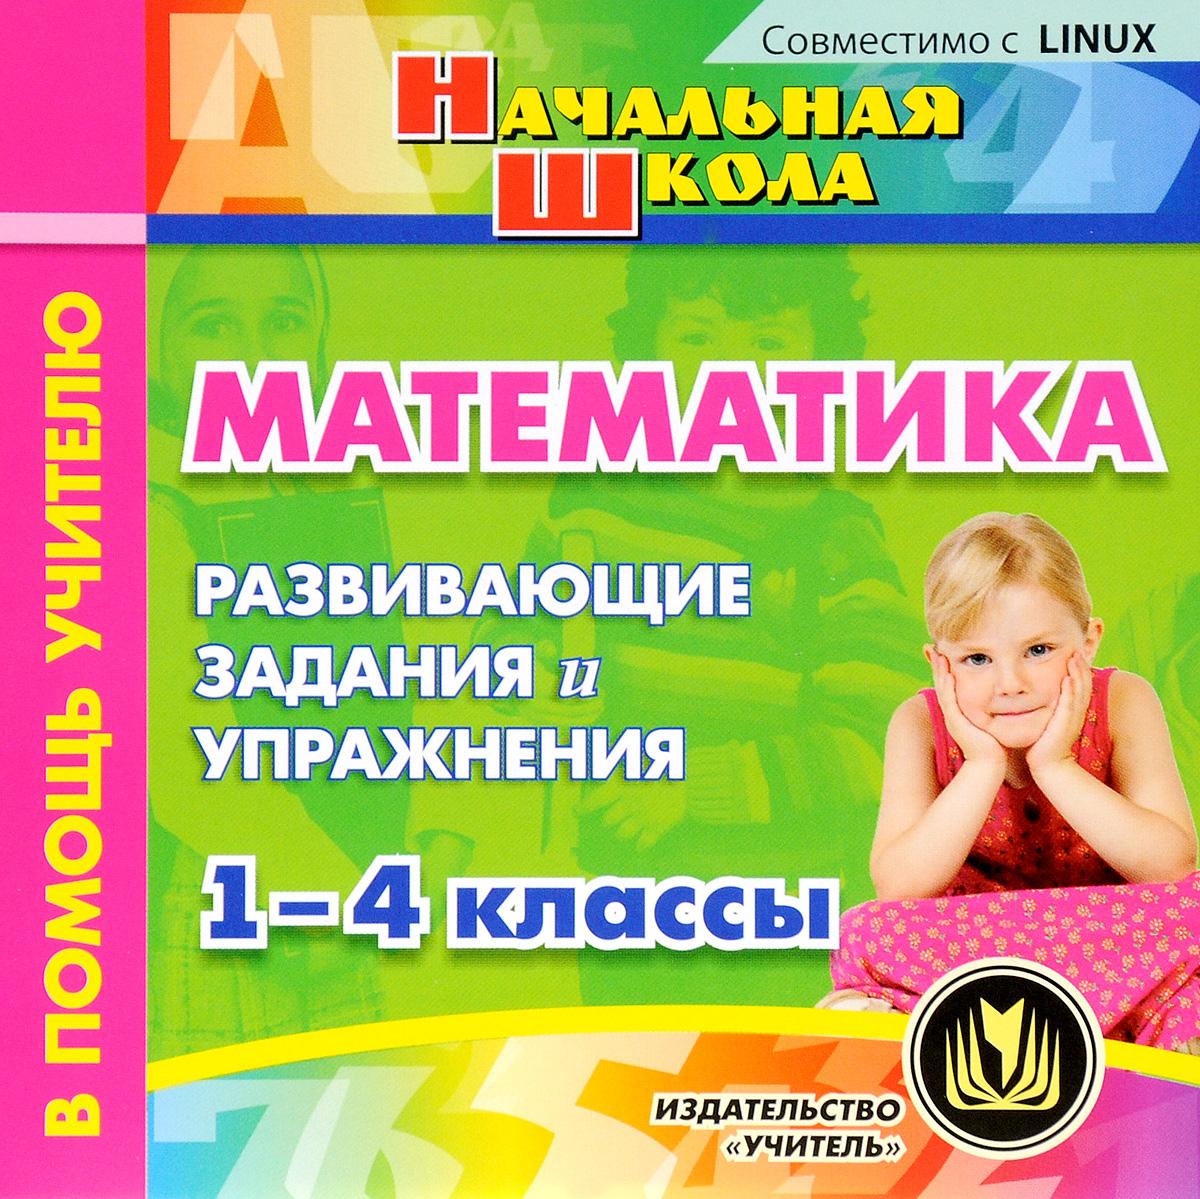 Математика. 1-4 классы. Развивающие задания и упражнения